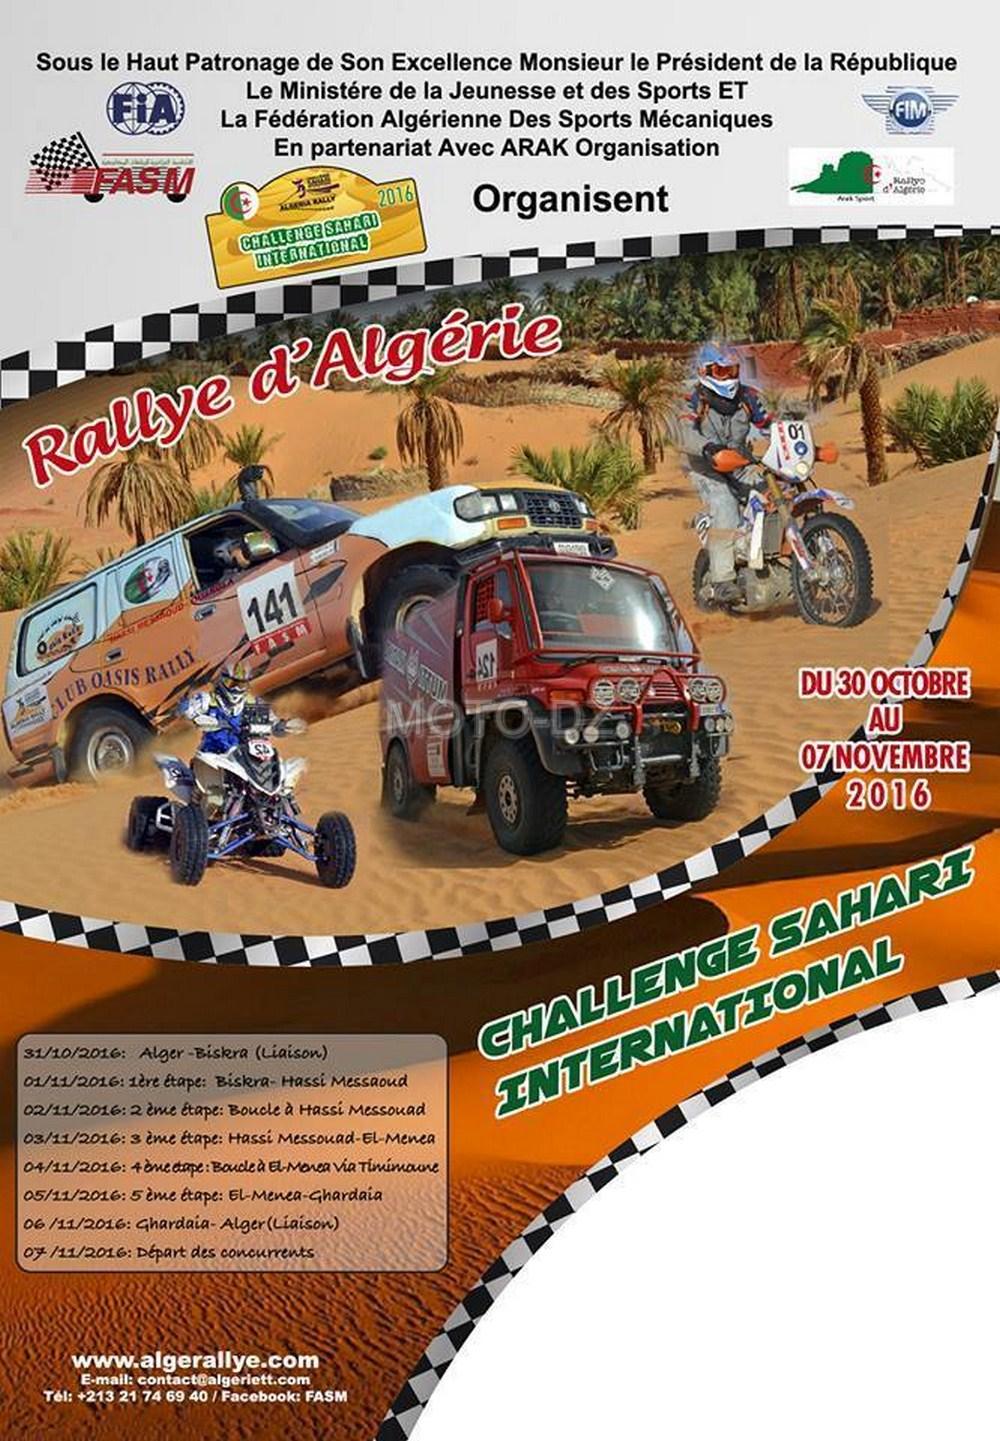 Challenge Sahari International: la 2e édition avec un nouveau circuit de sept étapes